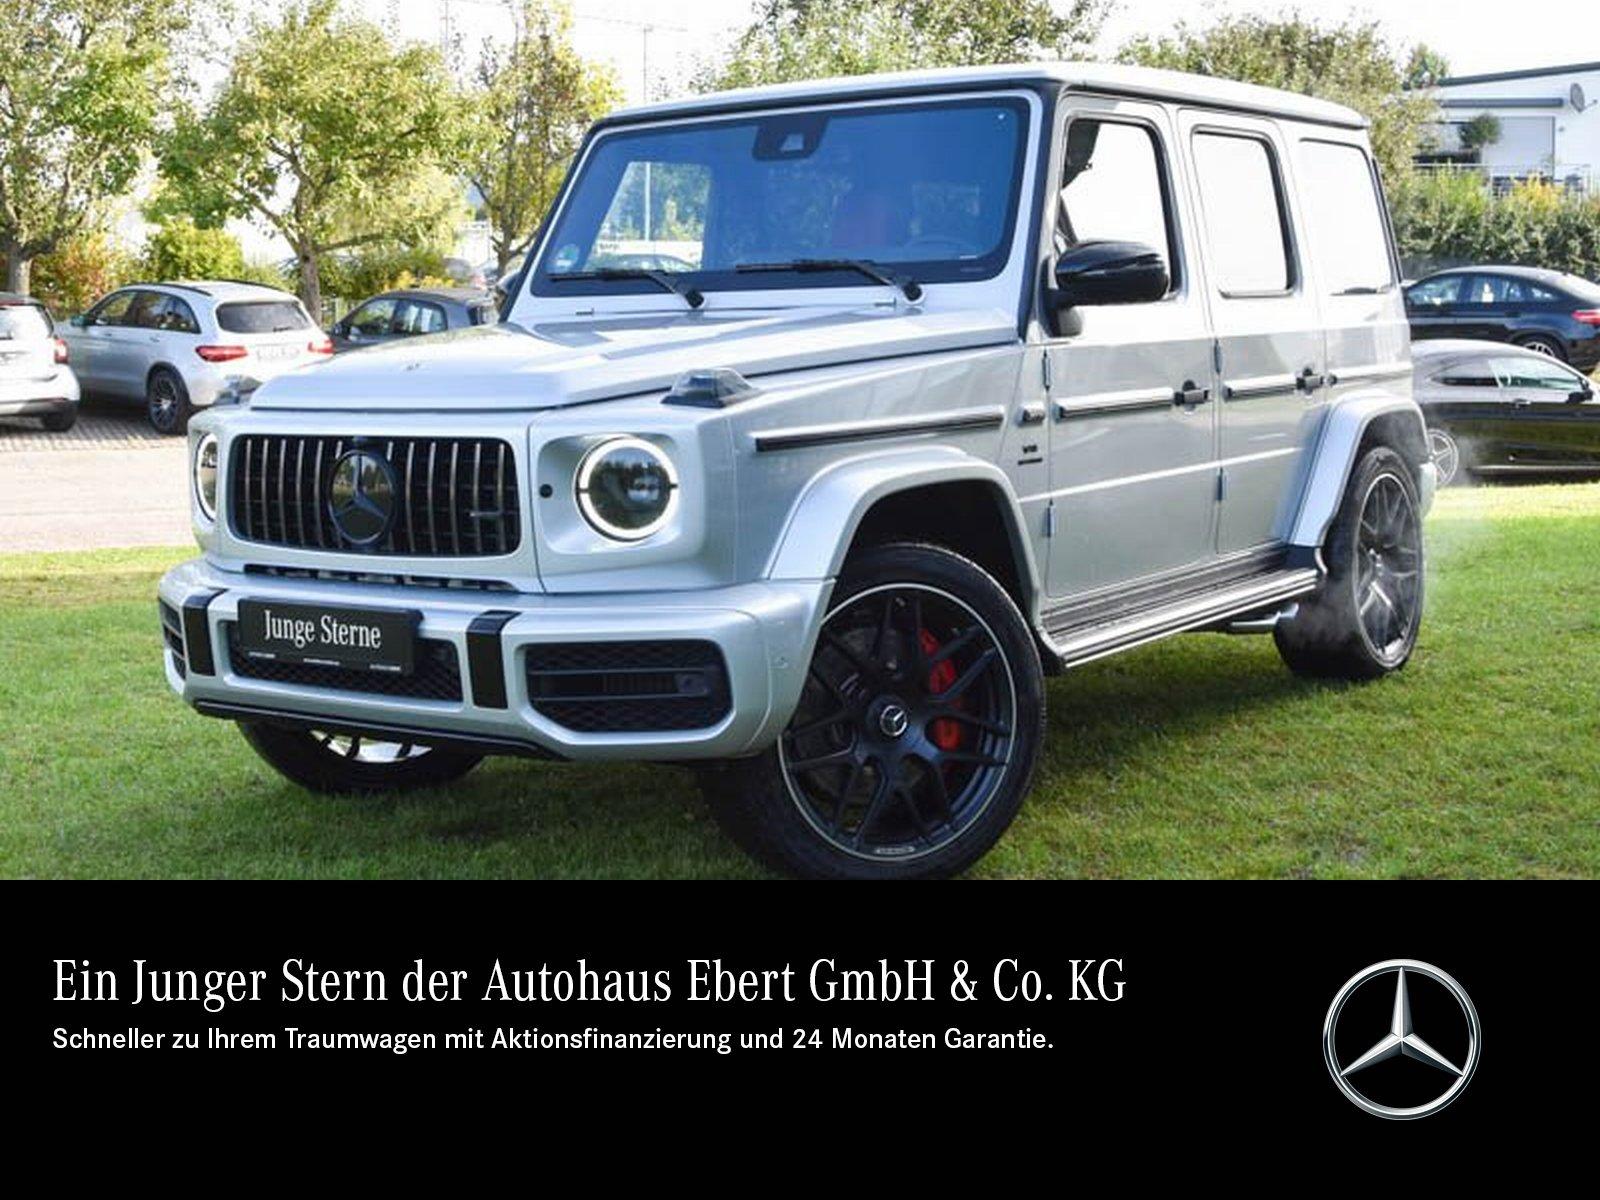 Mercedes-Benz G 63 AMG NIGHT+STHZG+360°+AHK+INTERIEUR ROT, Jahr 2021, Benzin